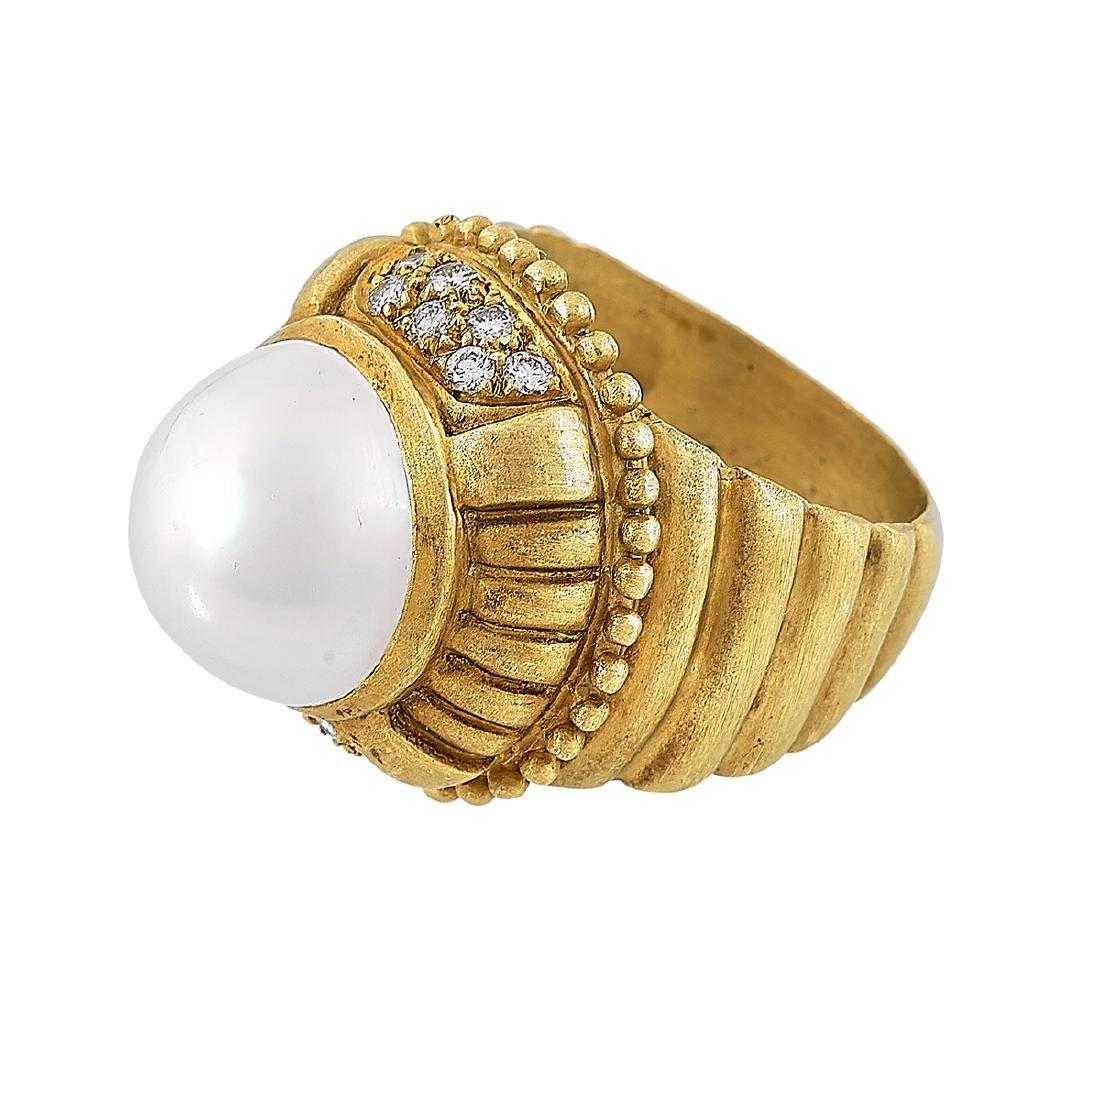 Doris Panos, 18K Yellow Gold Ladies Ring, Size 7